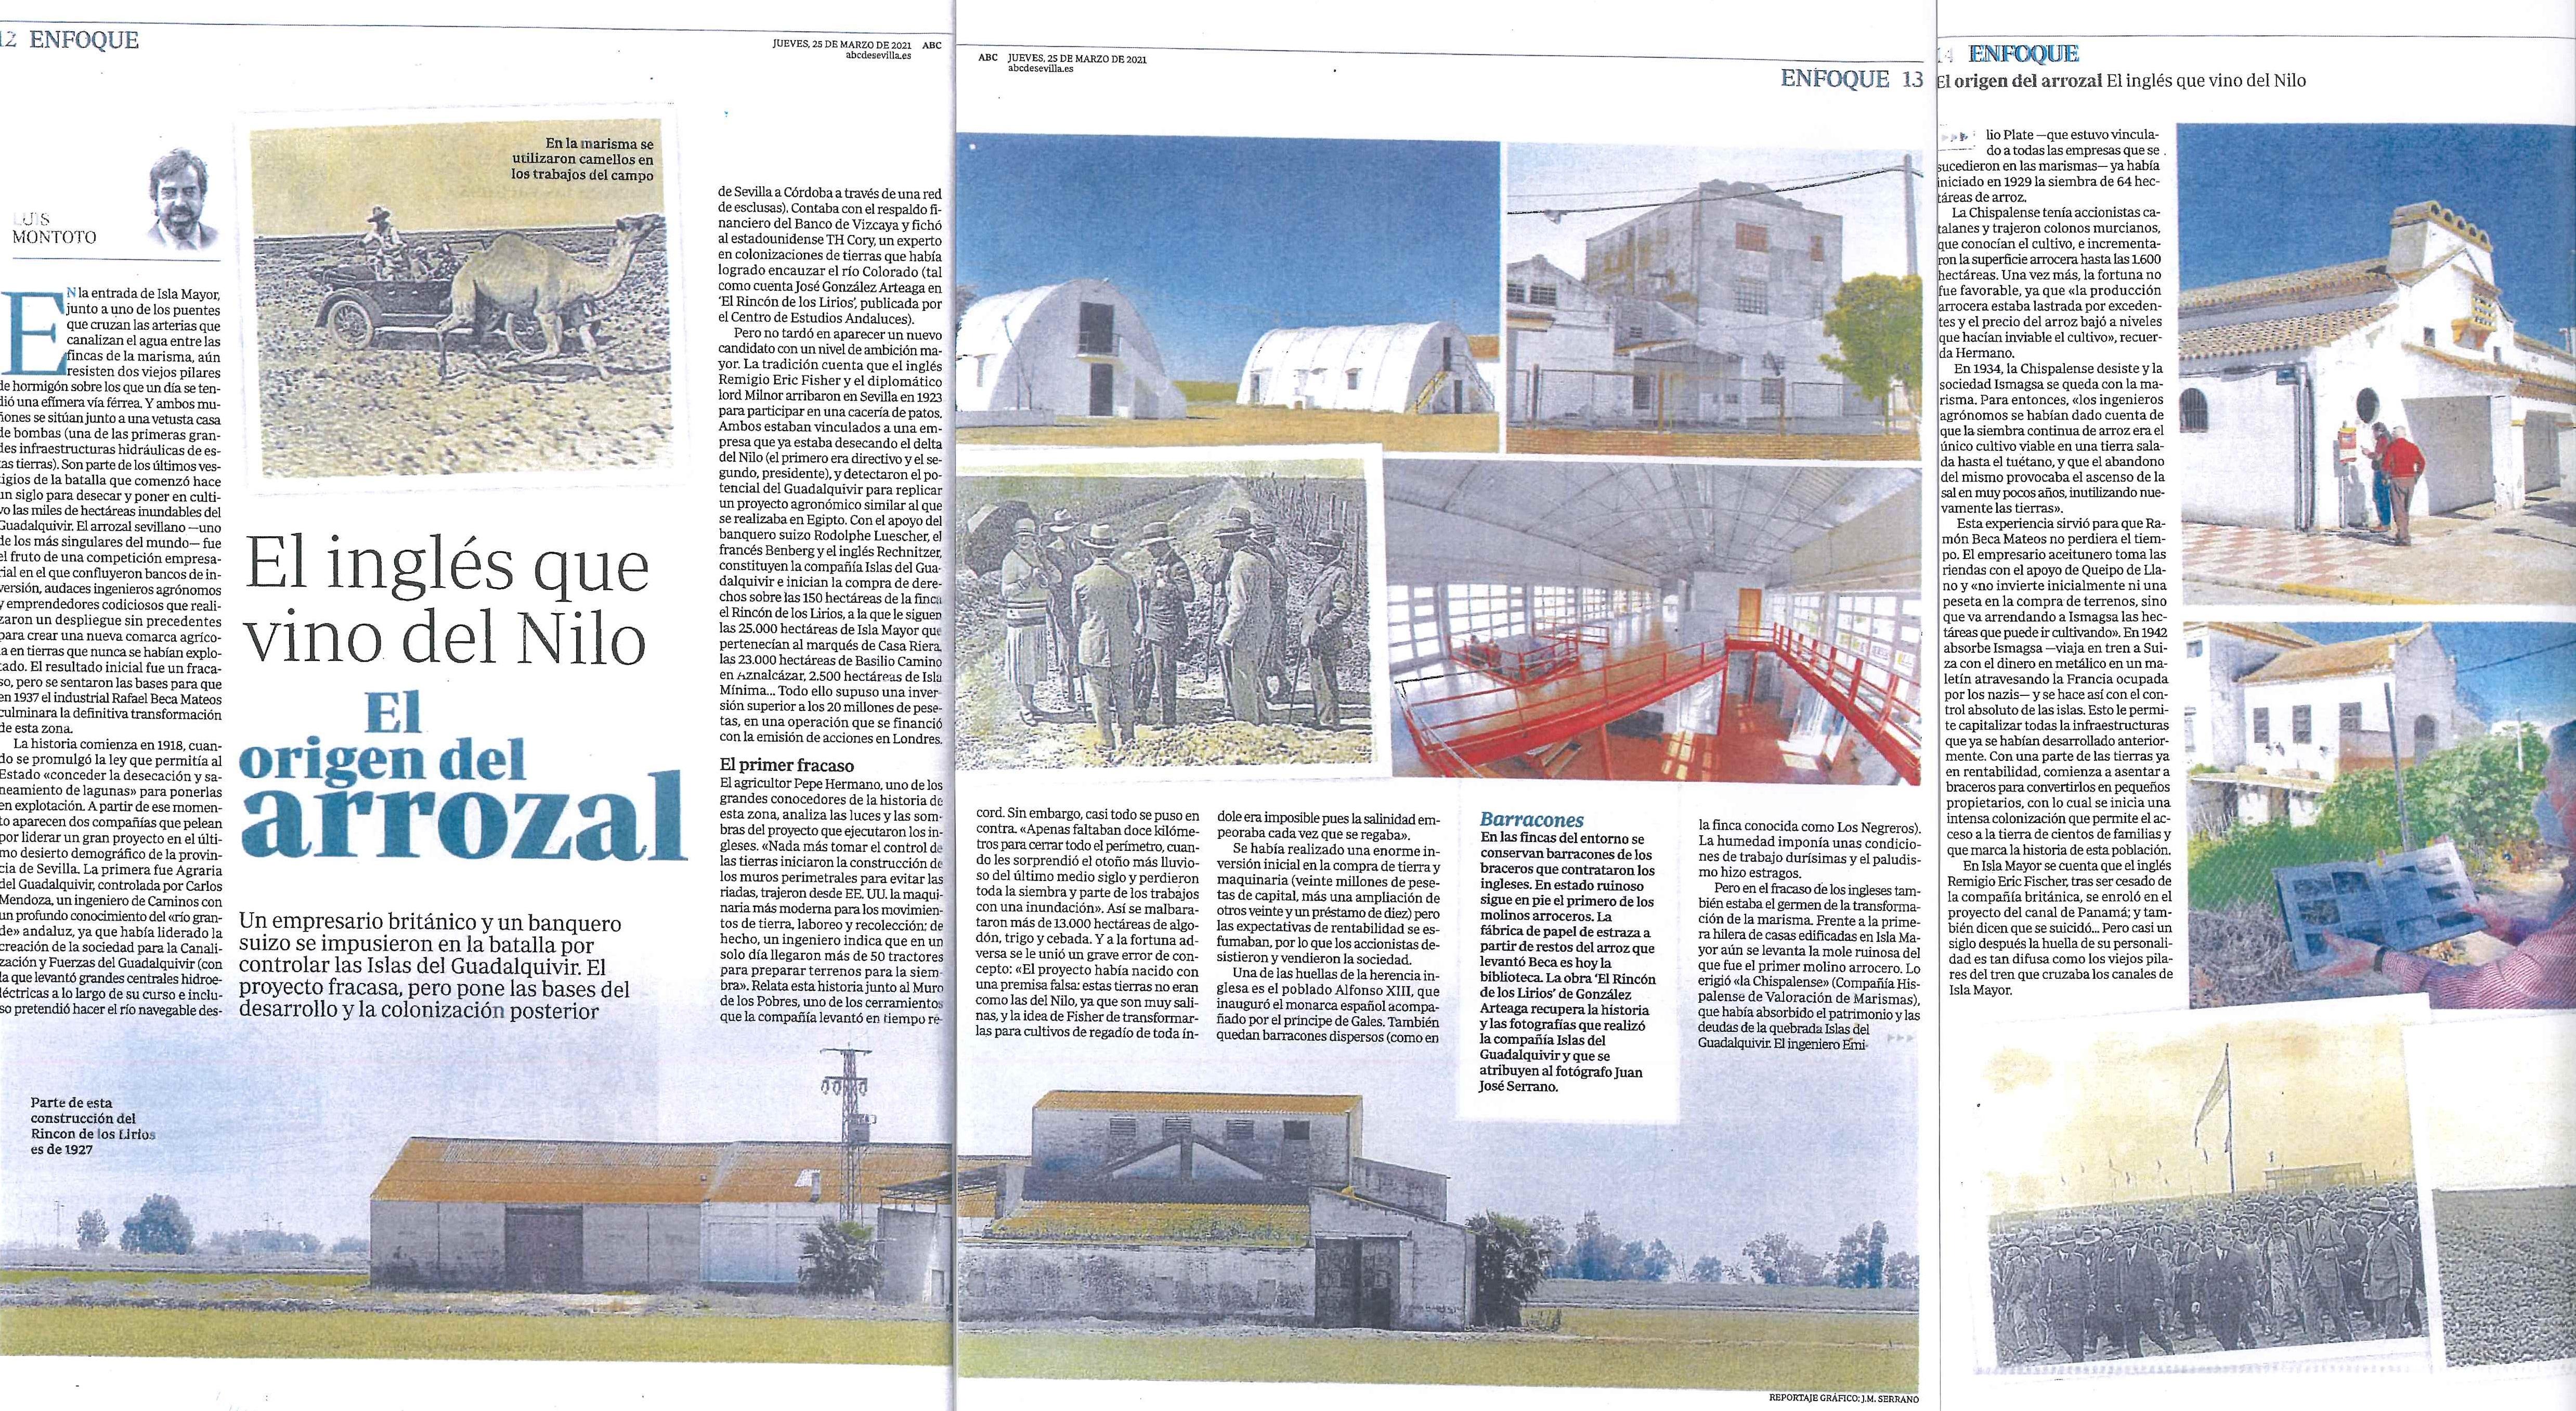 ABC Sevilla, edición papel: El origen del arrozal. El inglés que vino del Nilo